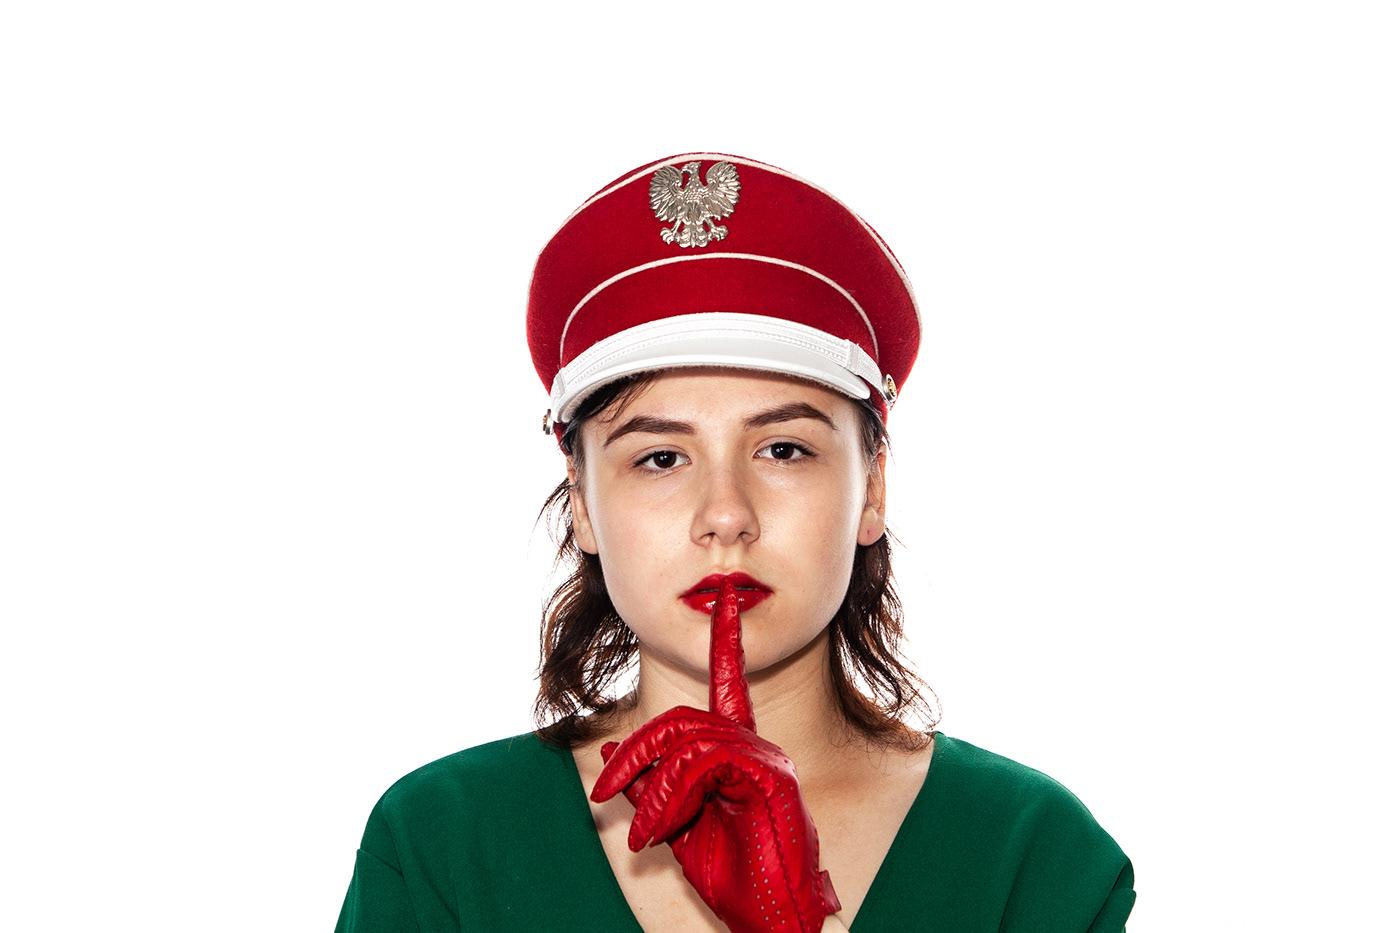 red green красное зеленое фотосессия костюм dress портрет cap кепка